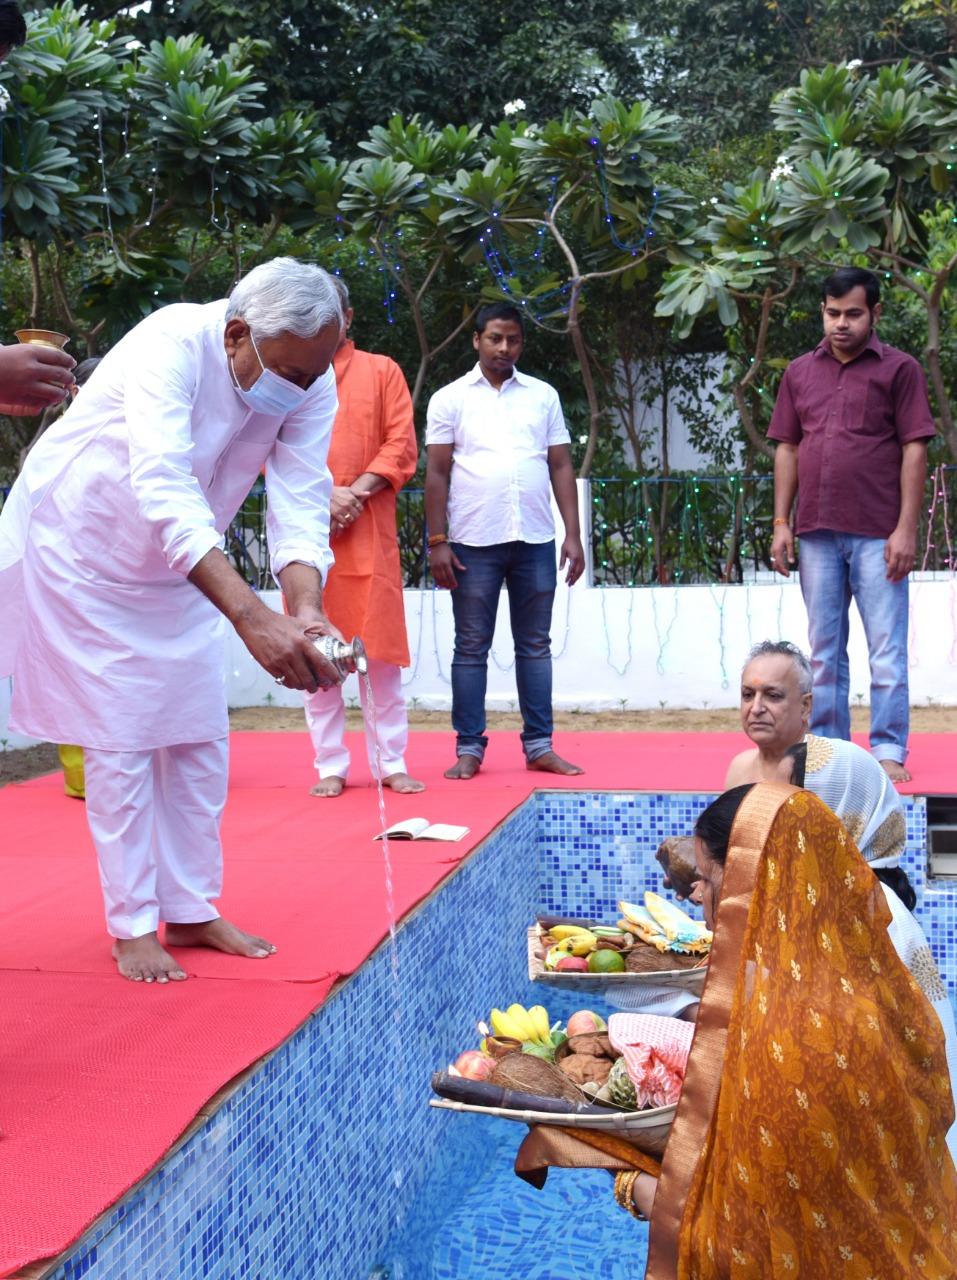 बिहार में मुख्यमंत्री आवास पर नीतीश कुमार ने स्वीमिंग पूल में अर्घ्य दिया। इस बार नीतीश की भाभी ने छठ का व्रत रखा है।